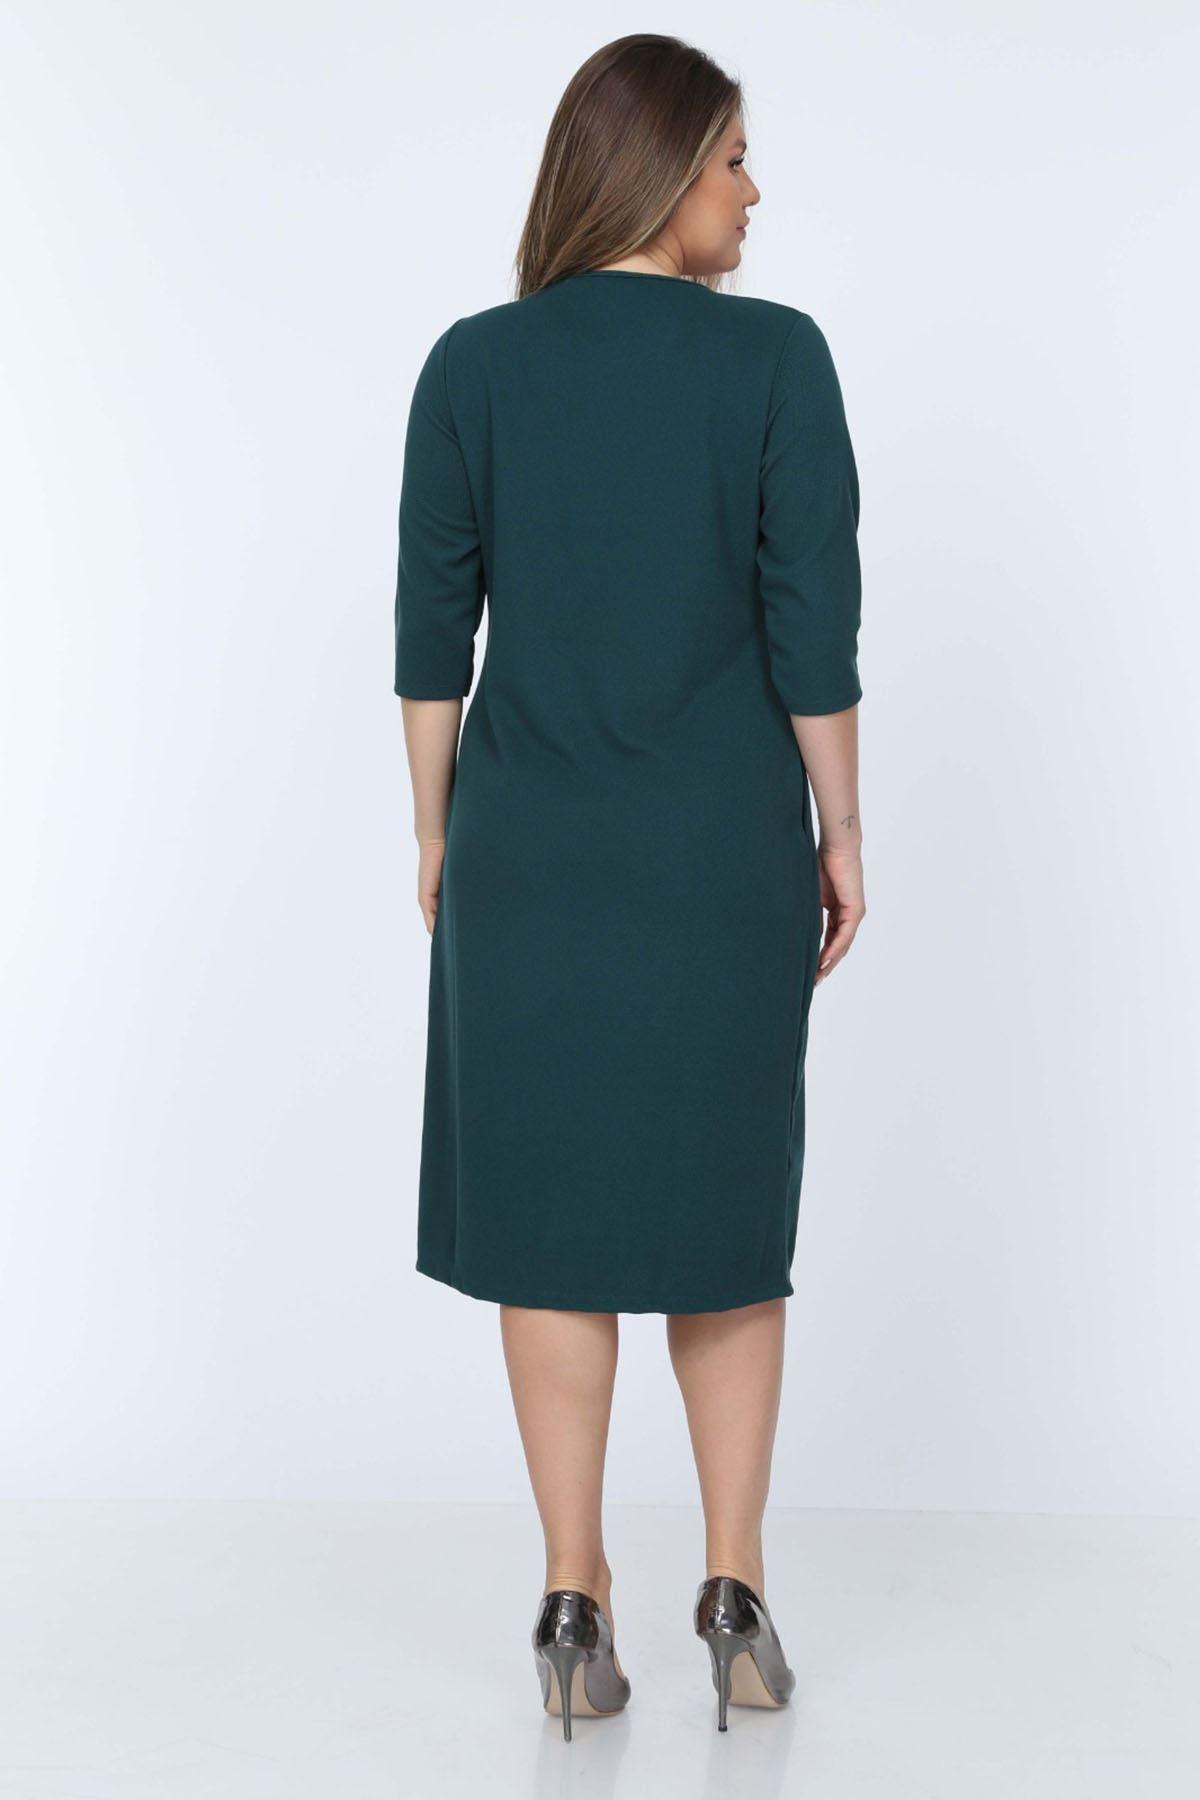 Cepli Yeşil Elbise 11A-0714